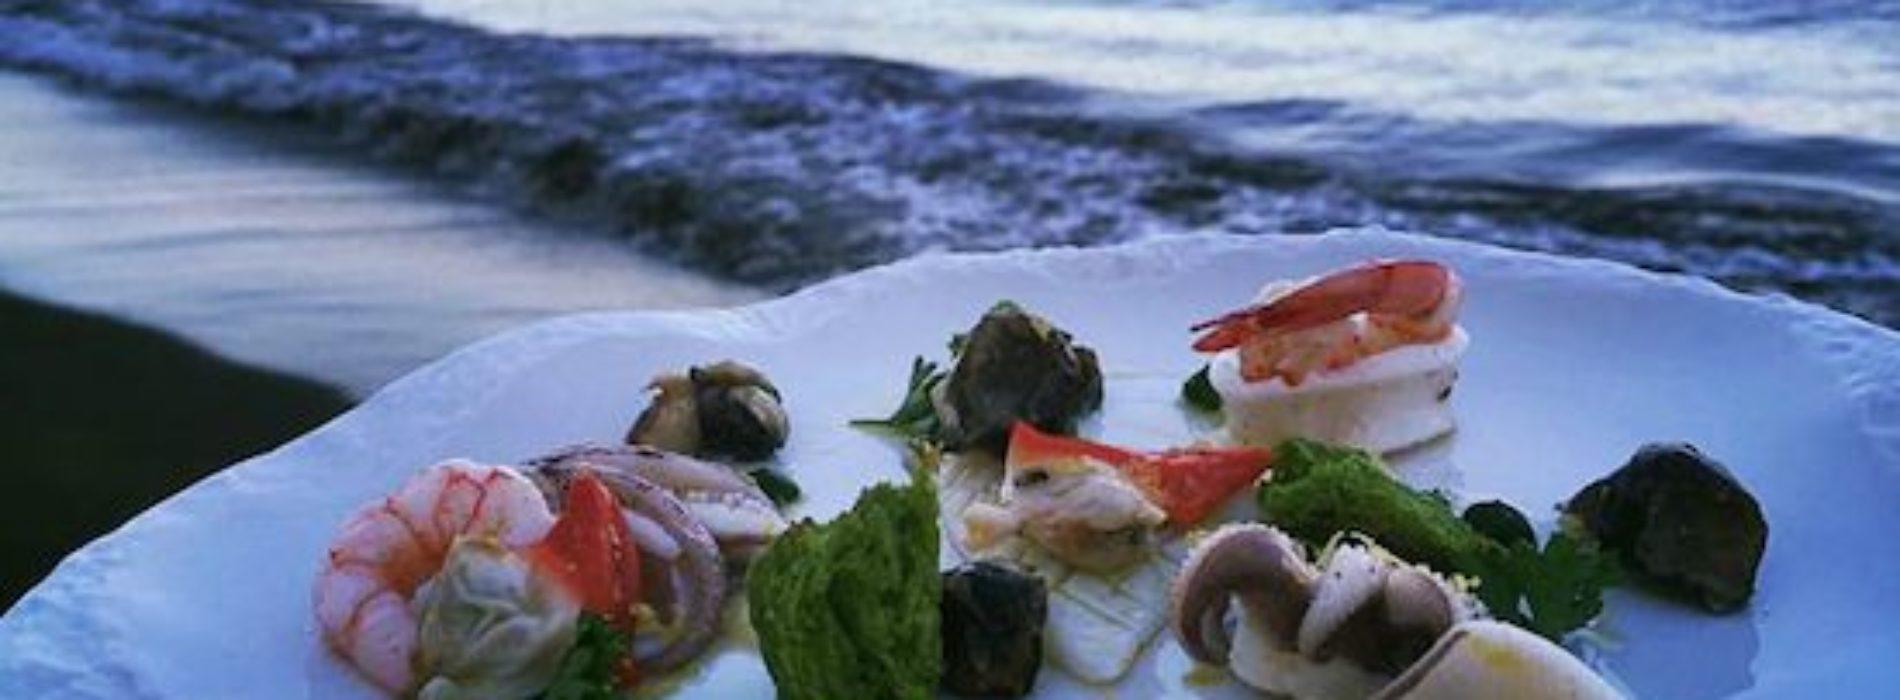 Dove mangiare a Posillipo, Napoli: i migliori ristoranti ...